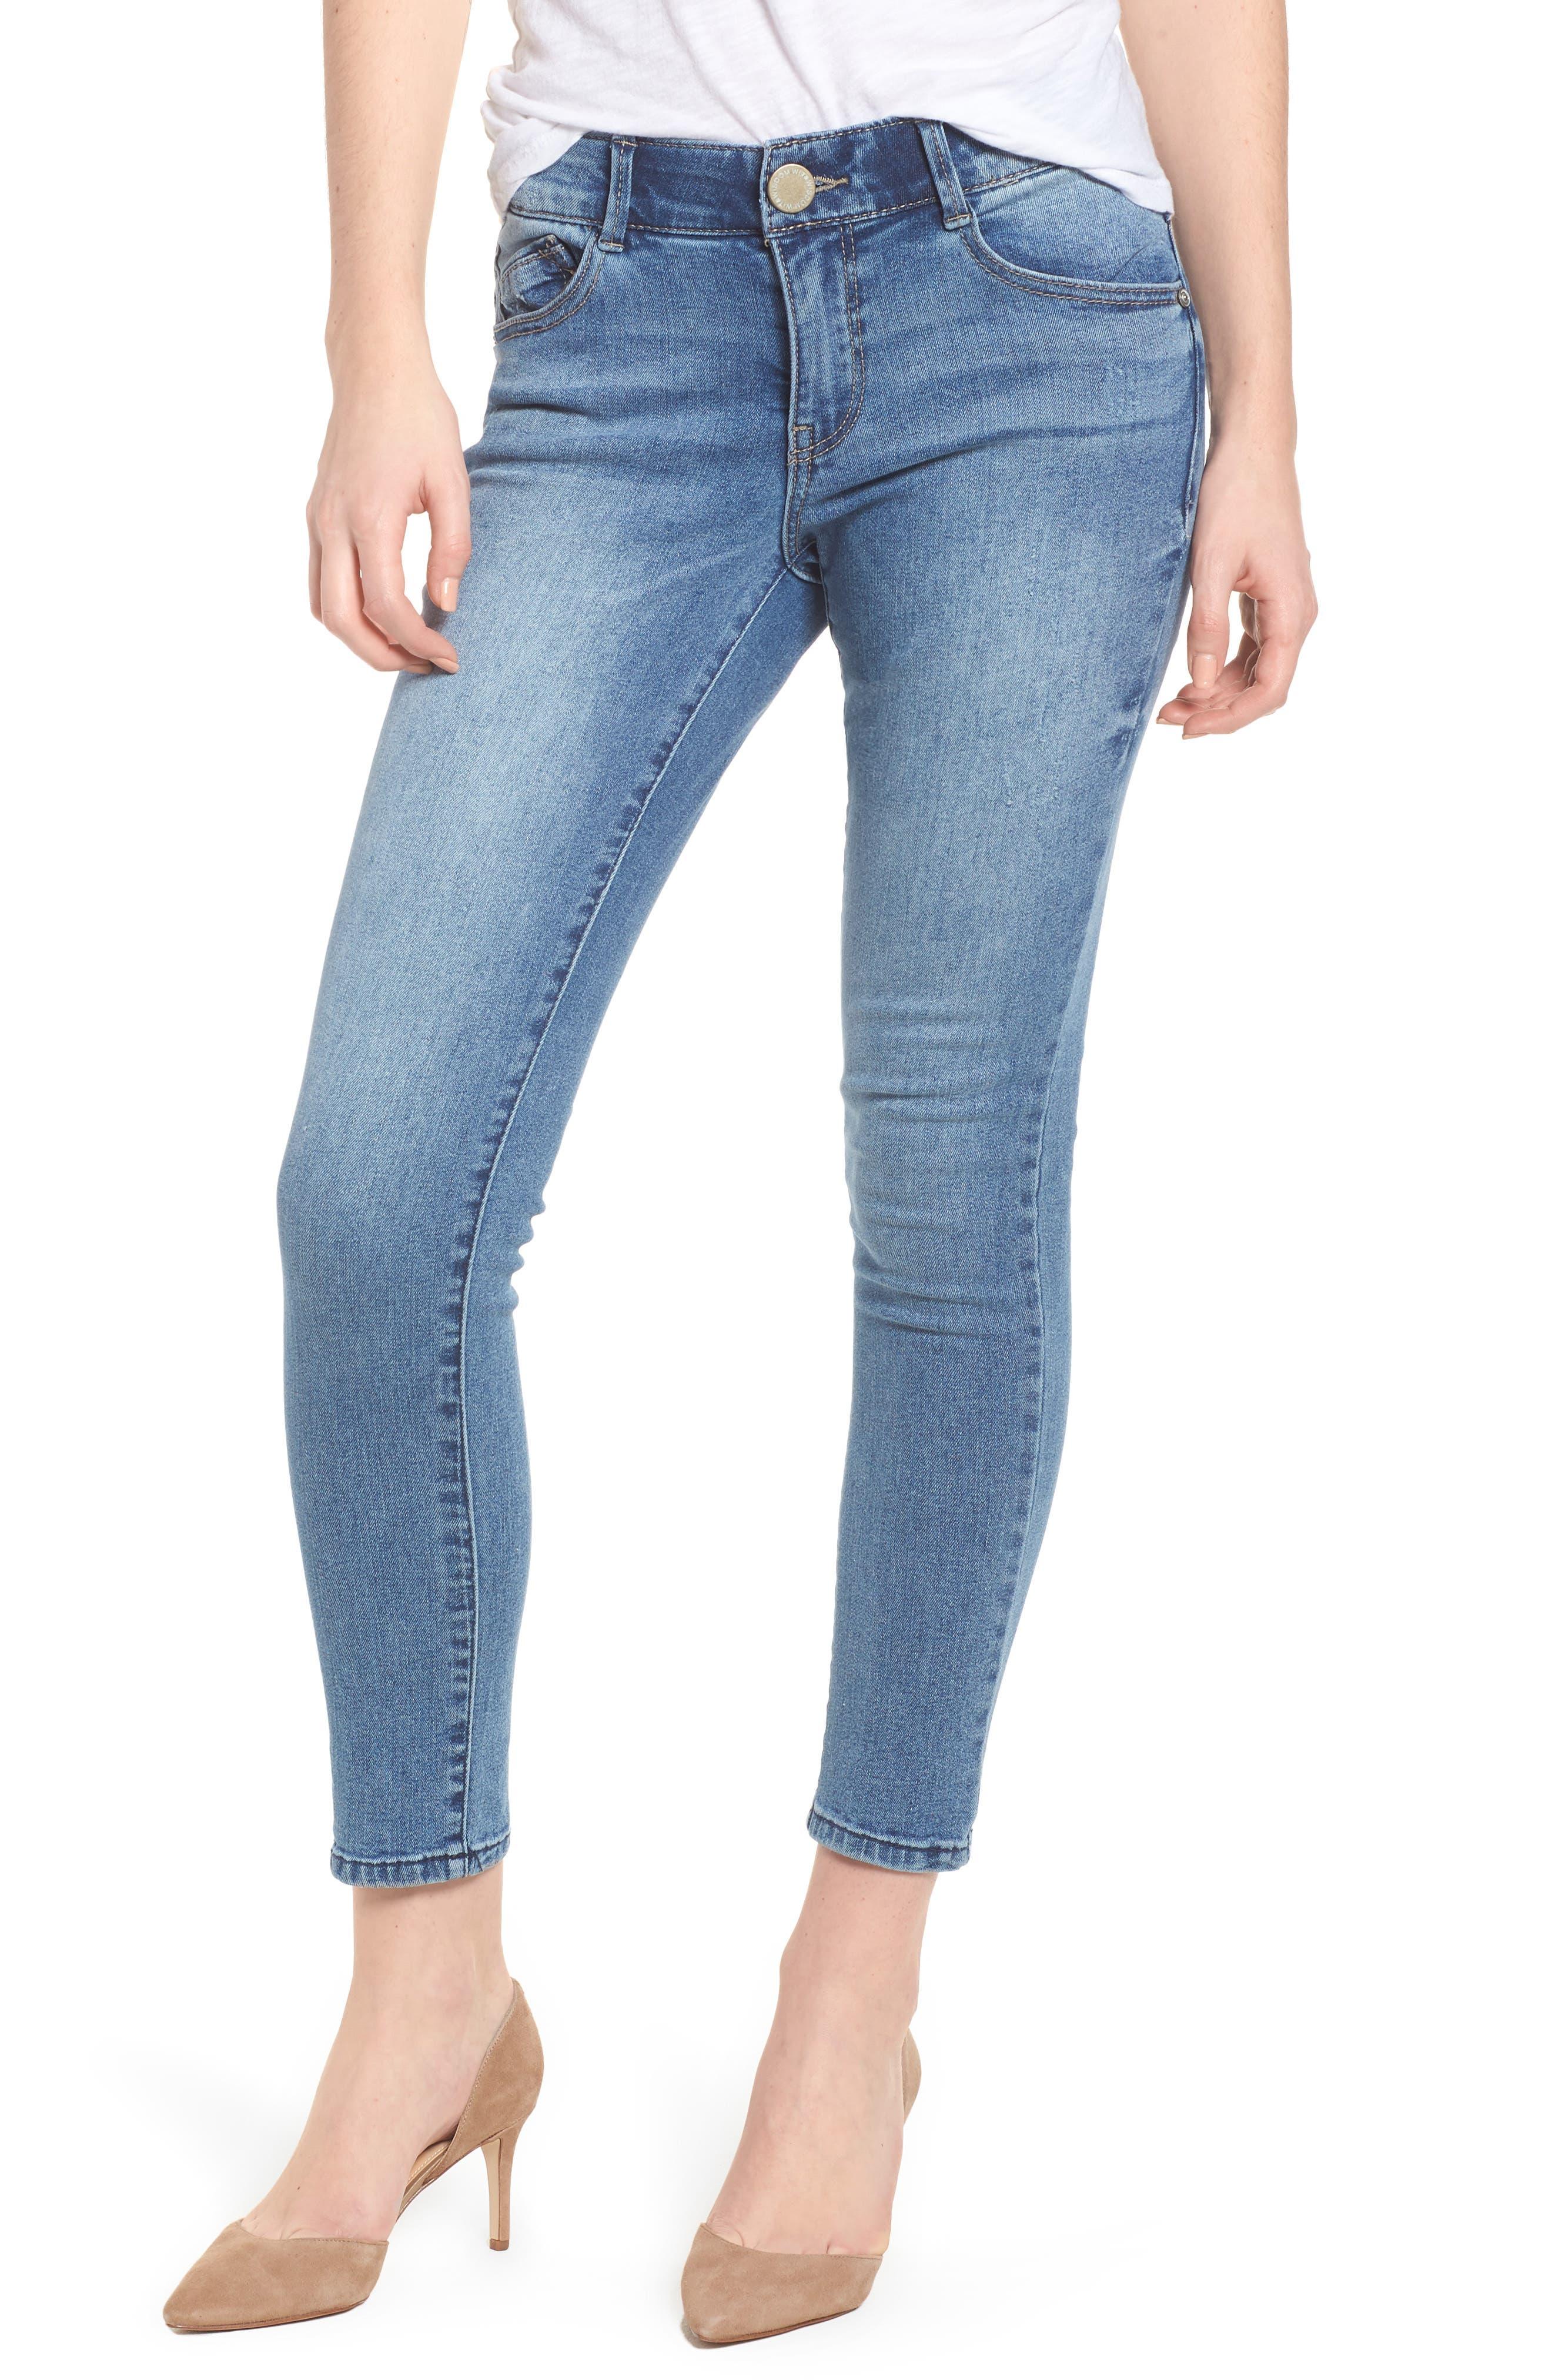 Ab-solution Ankle Skimmer Skinny Jeans Regular & Petite,                             Main thumbnail 1, color,                             Light Blue